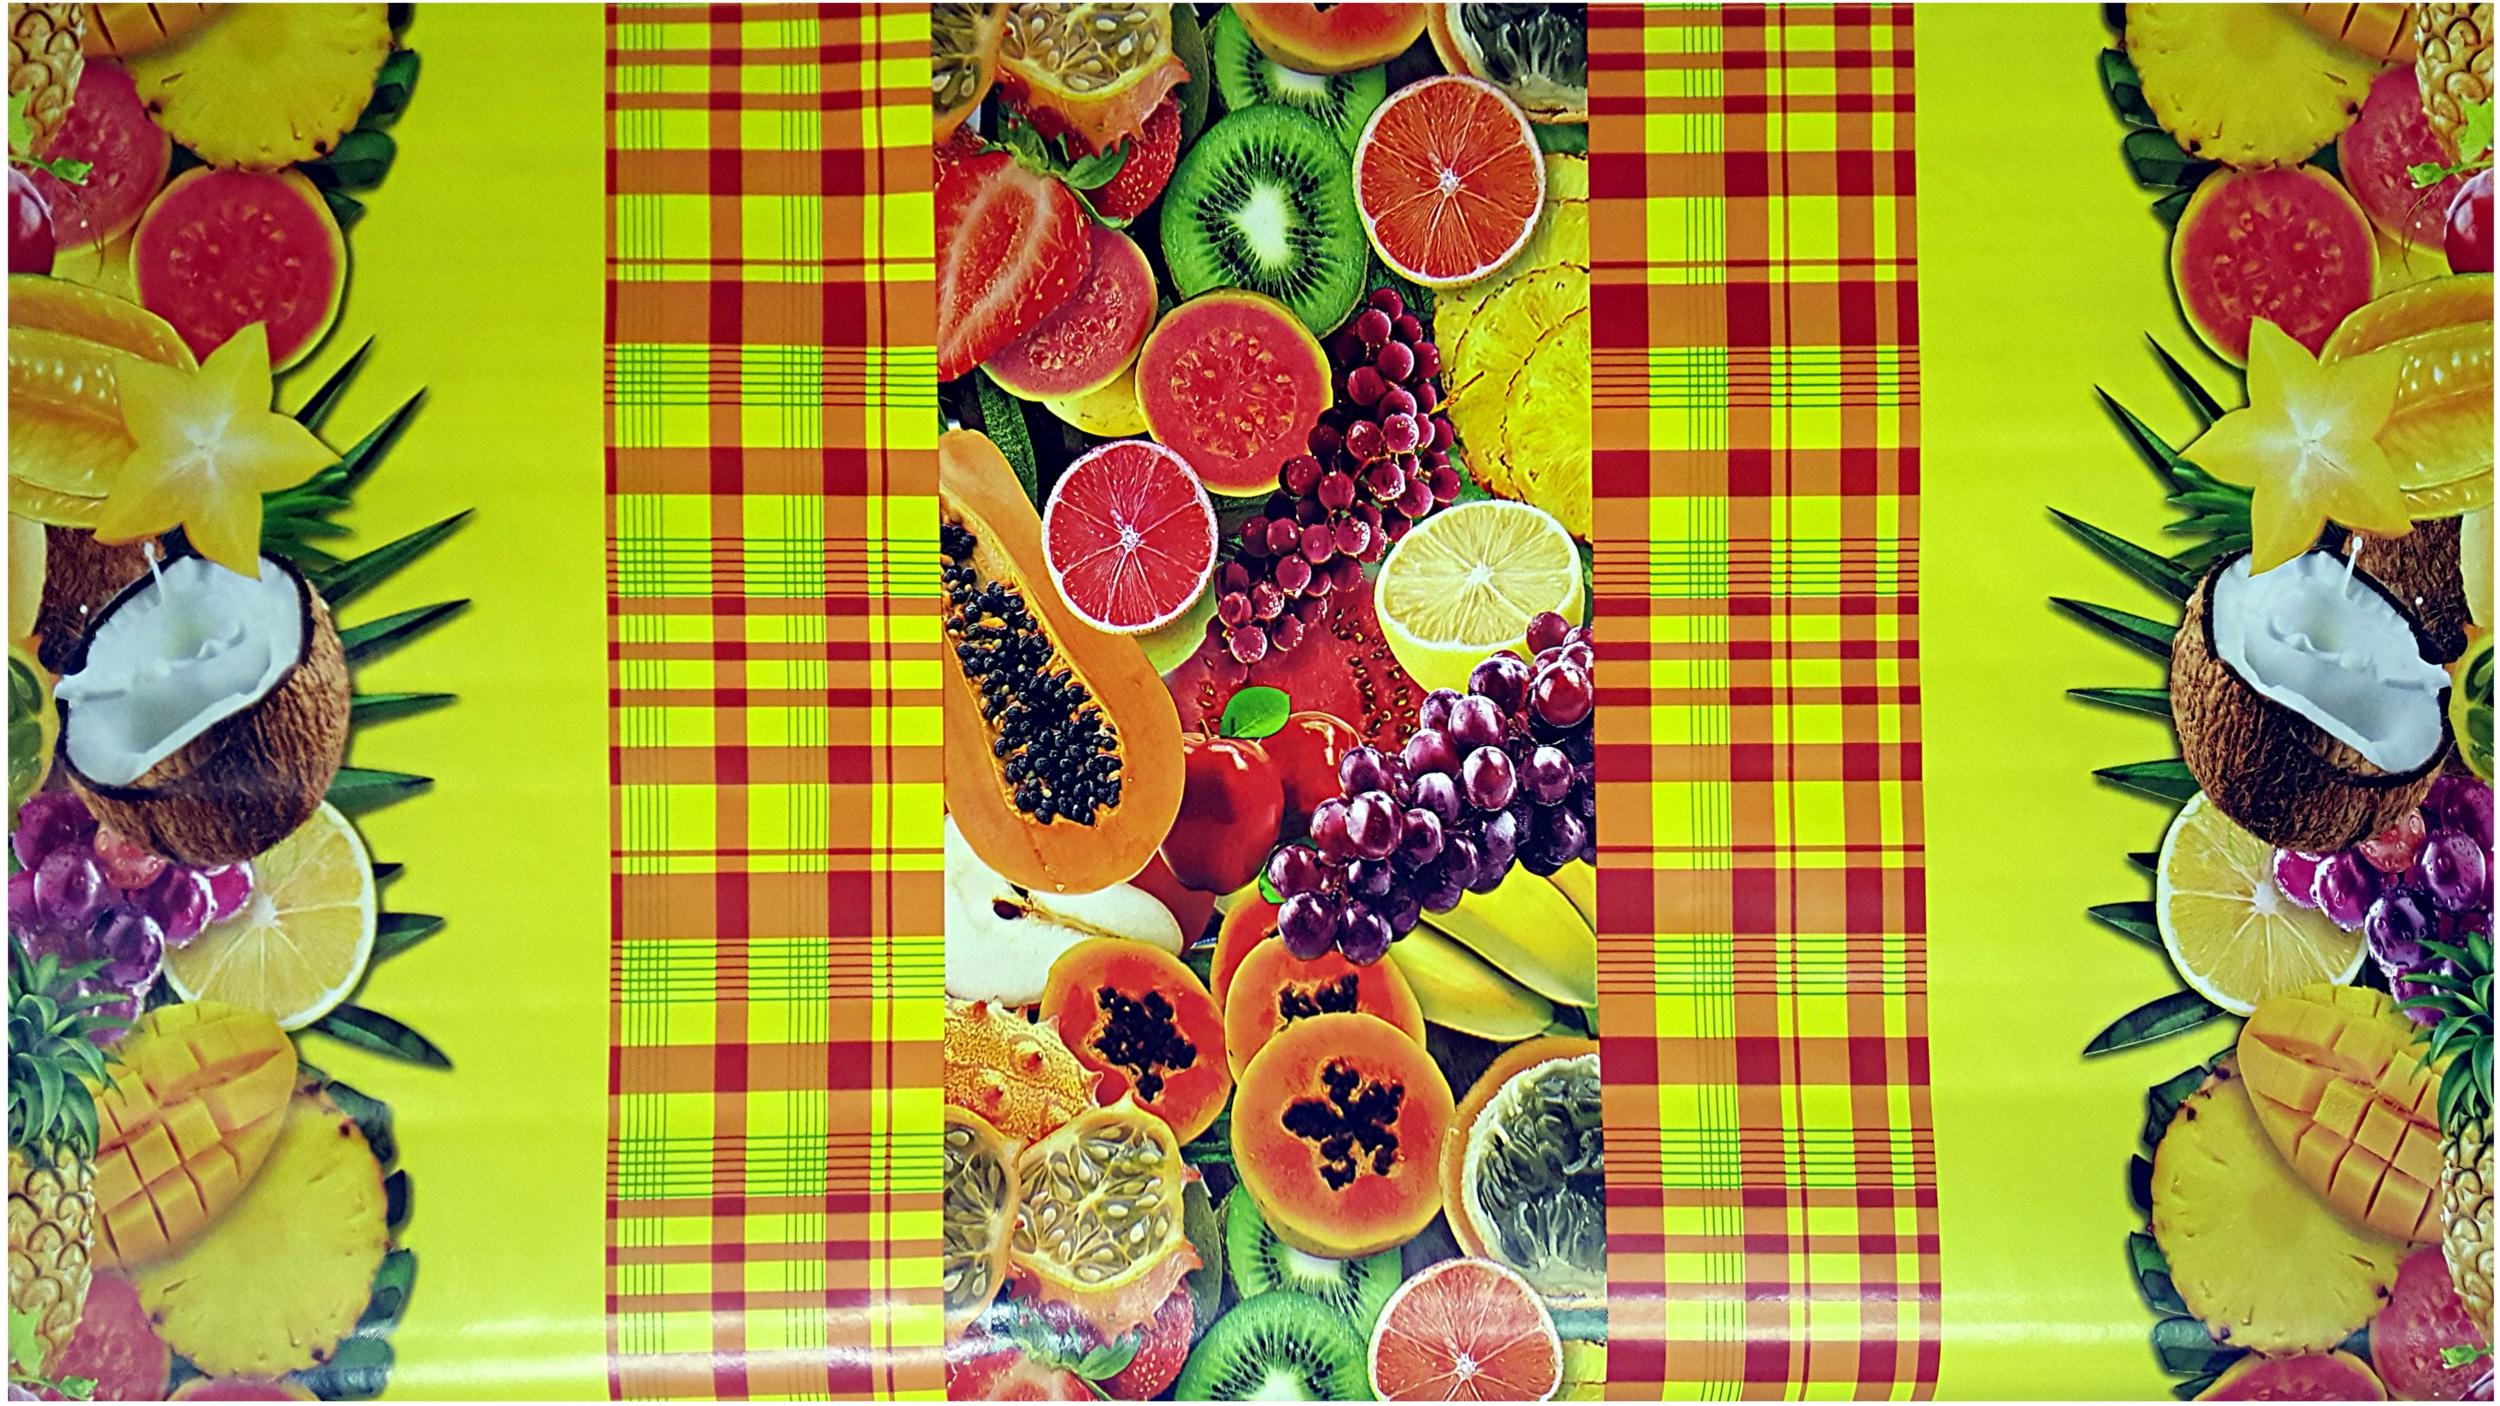 MADRAS FRUIT